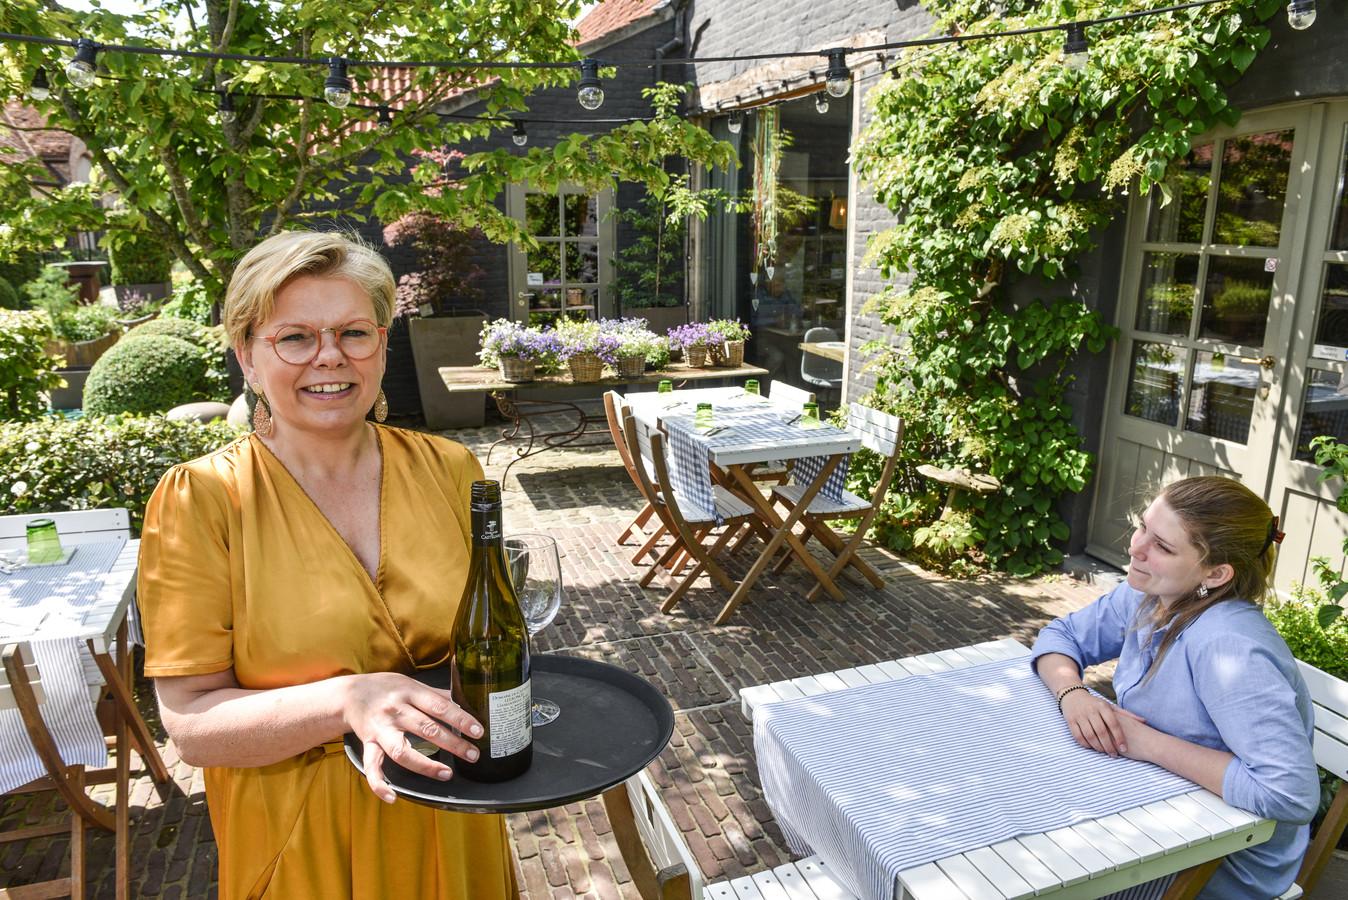 Sabine Pinnewaert baat samen met haar dochter Lisa Dossche het Hof ter Rode Poorte in Kruishoutem uit.